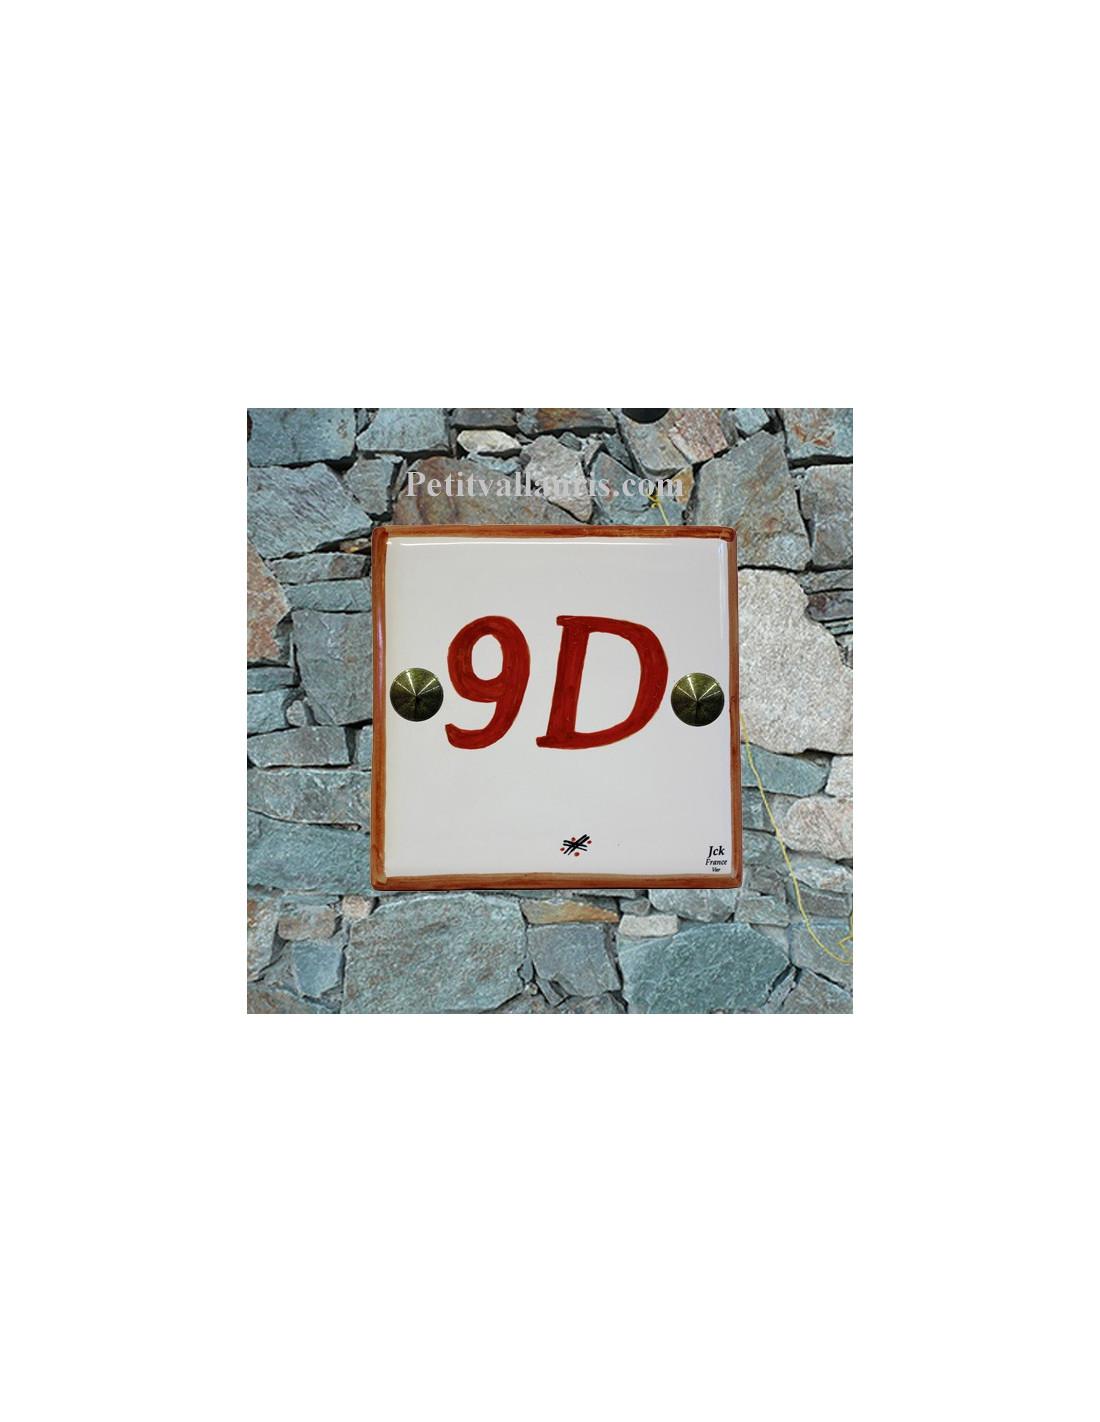 Num ro de maison artisanal en faience chiffre et bord for Numero de porte en faience